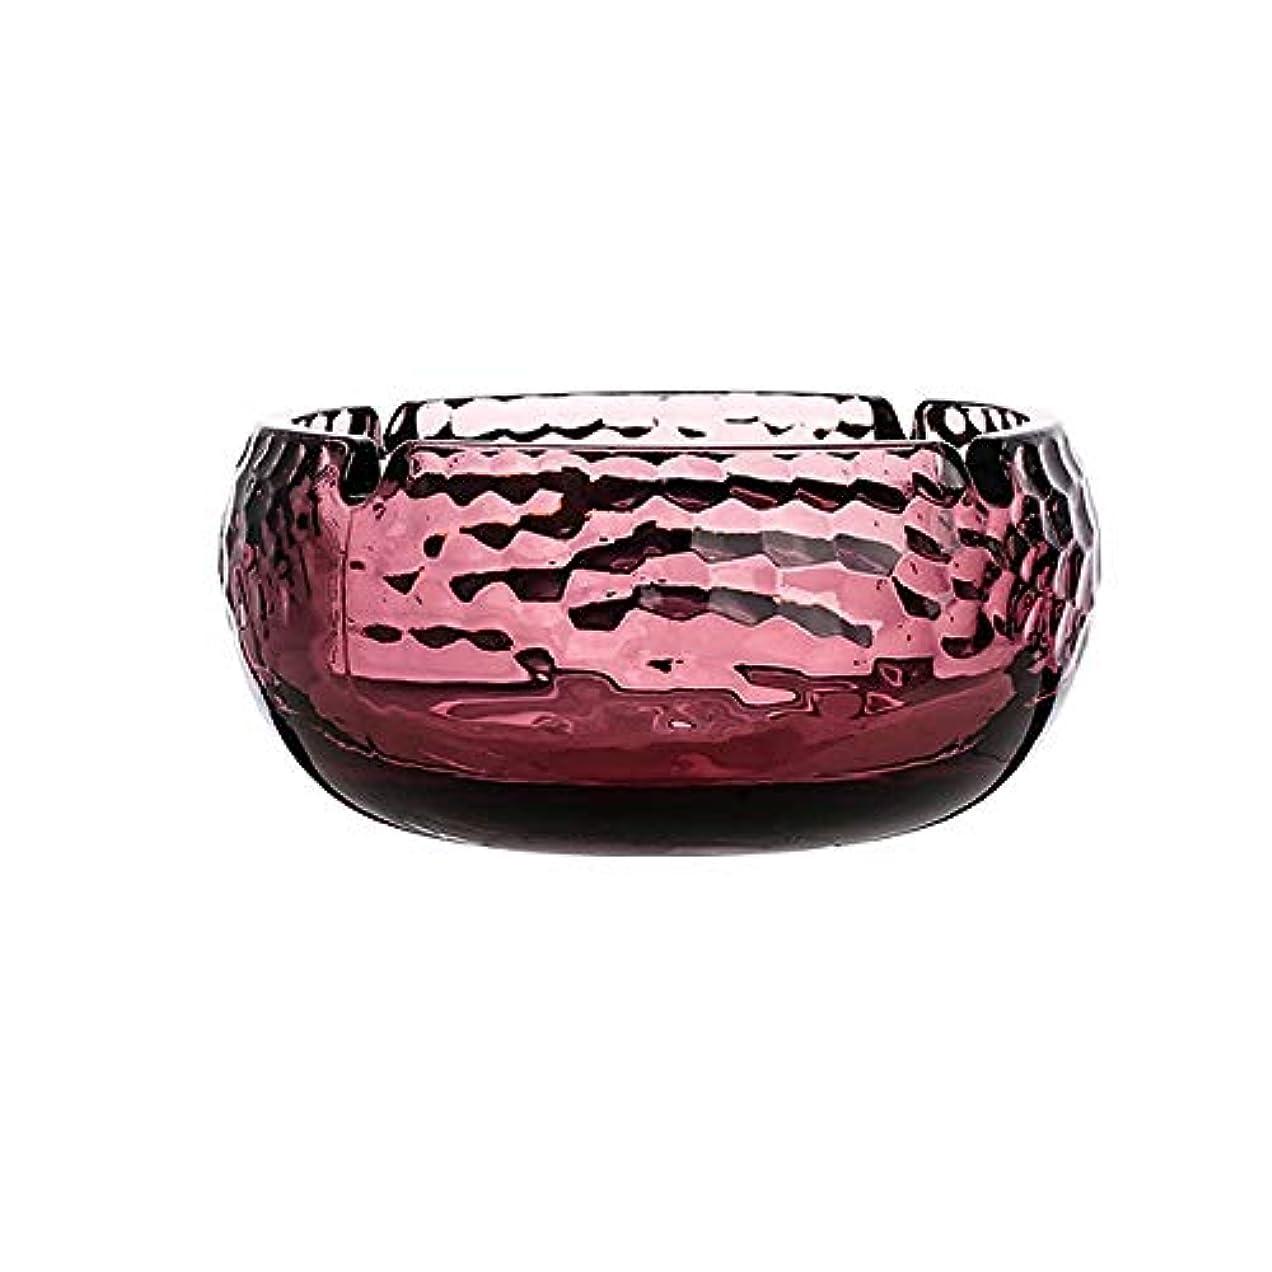 サロン辛なより多い半透明のガラス灰皿繊細な質感の家の寝室のオフィスクリエイティブ人格デスクトップの装飾、簡単にきれいに (色 : 赤)